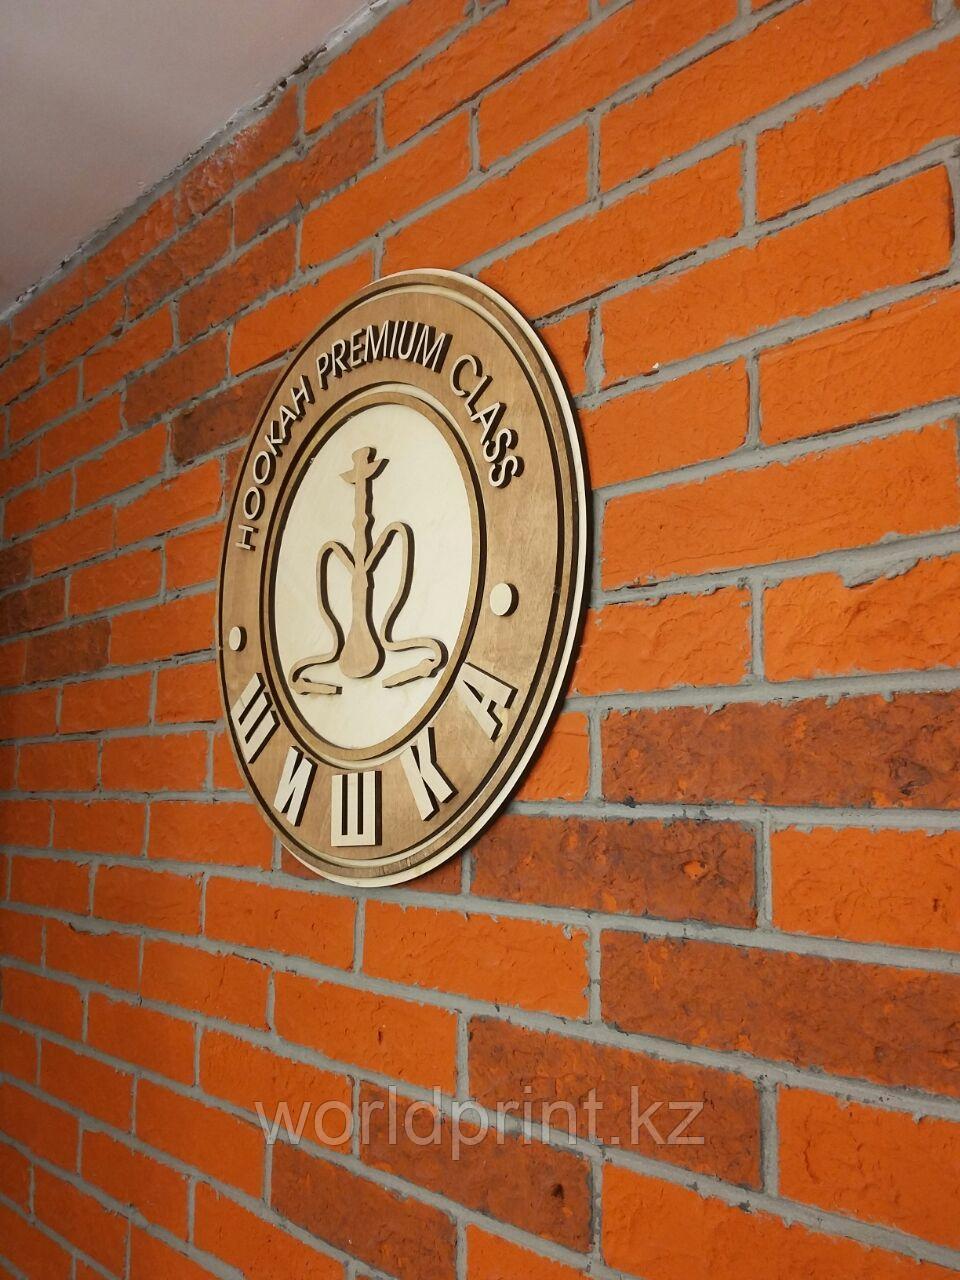 Изготовление логотипа, изделия из дерева, заказать вывеску в Астане